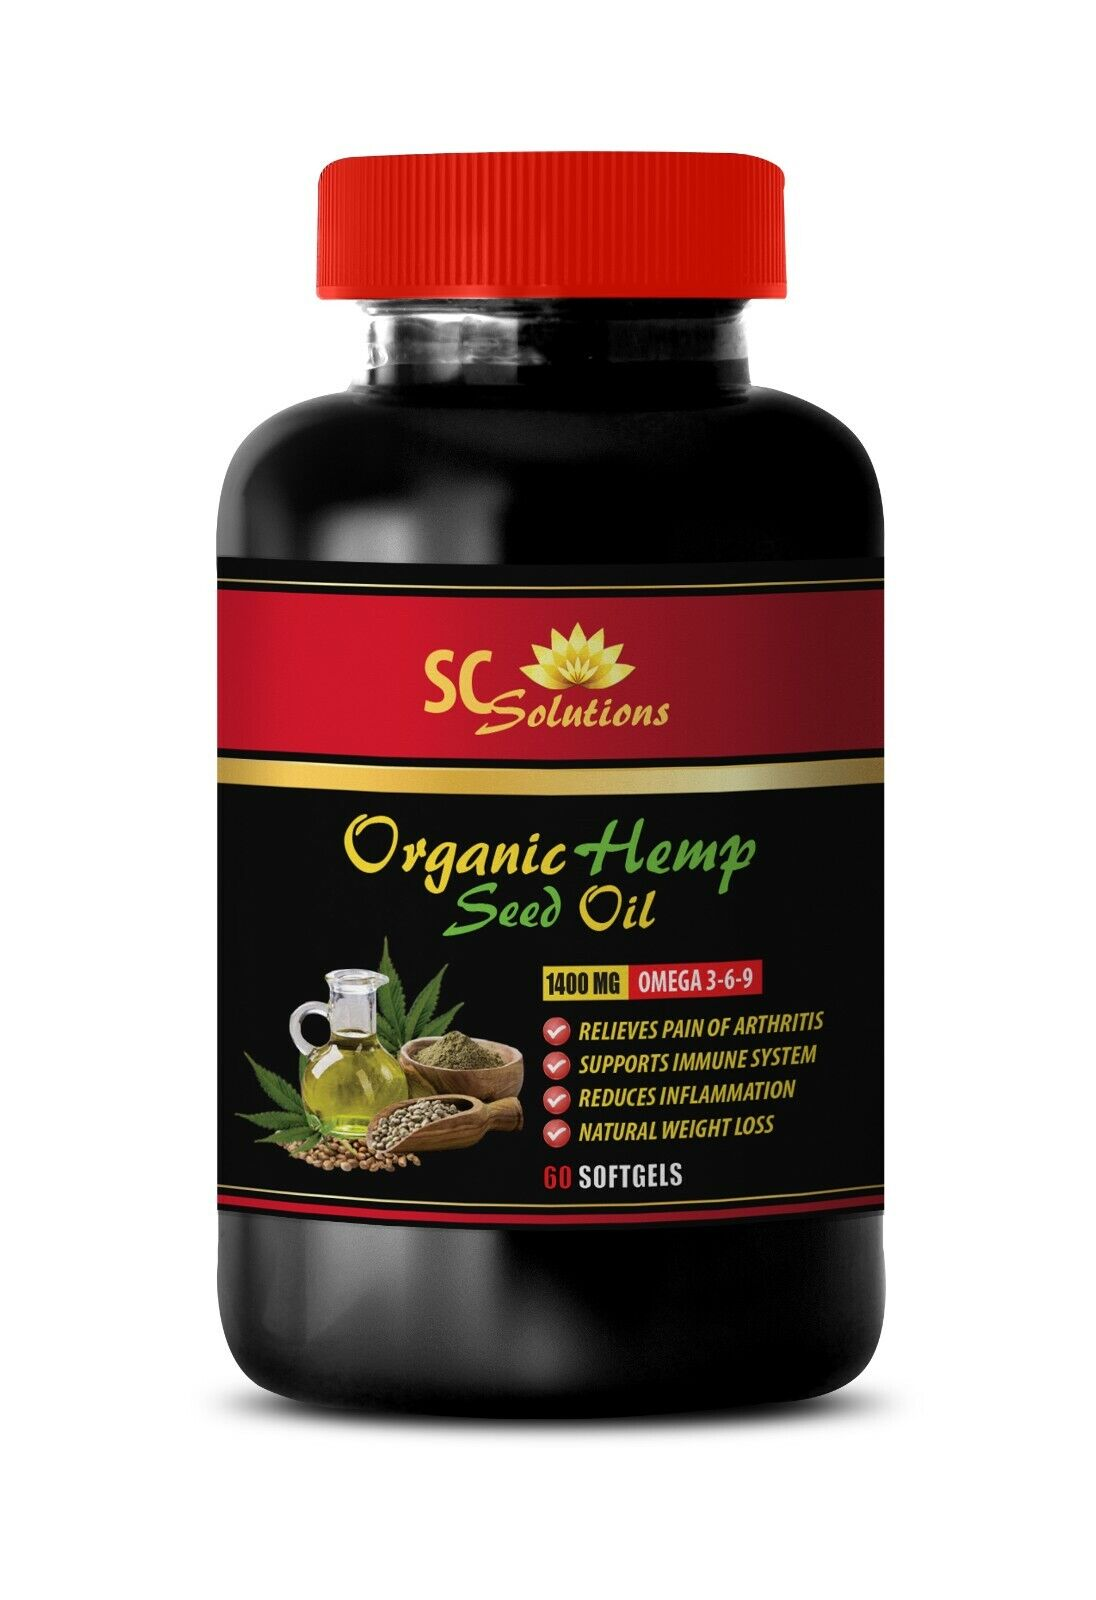 hemp oil 1000mg for pain, ORGANIC HEMP SEED OIL 1400mg, linoleic acid omega 9 1B